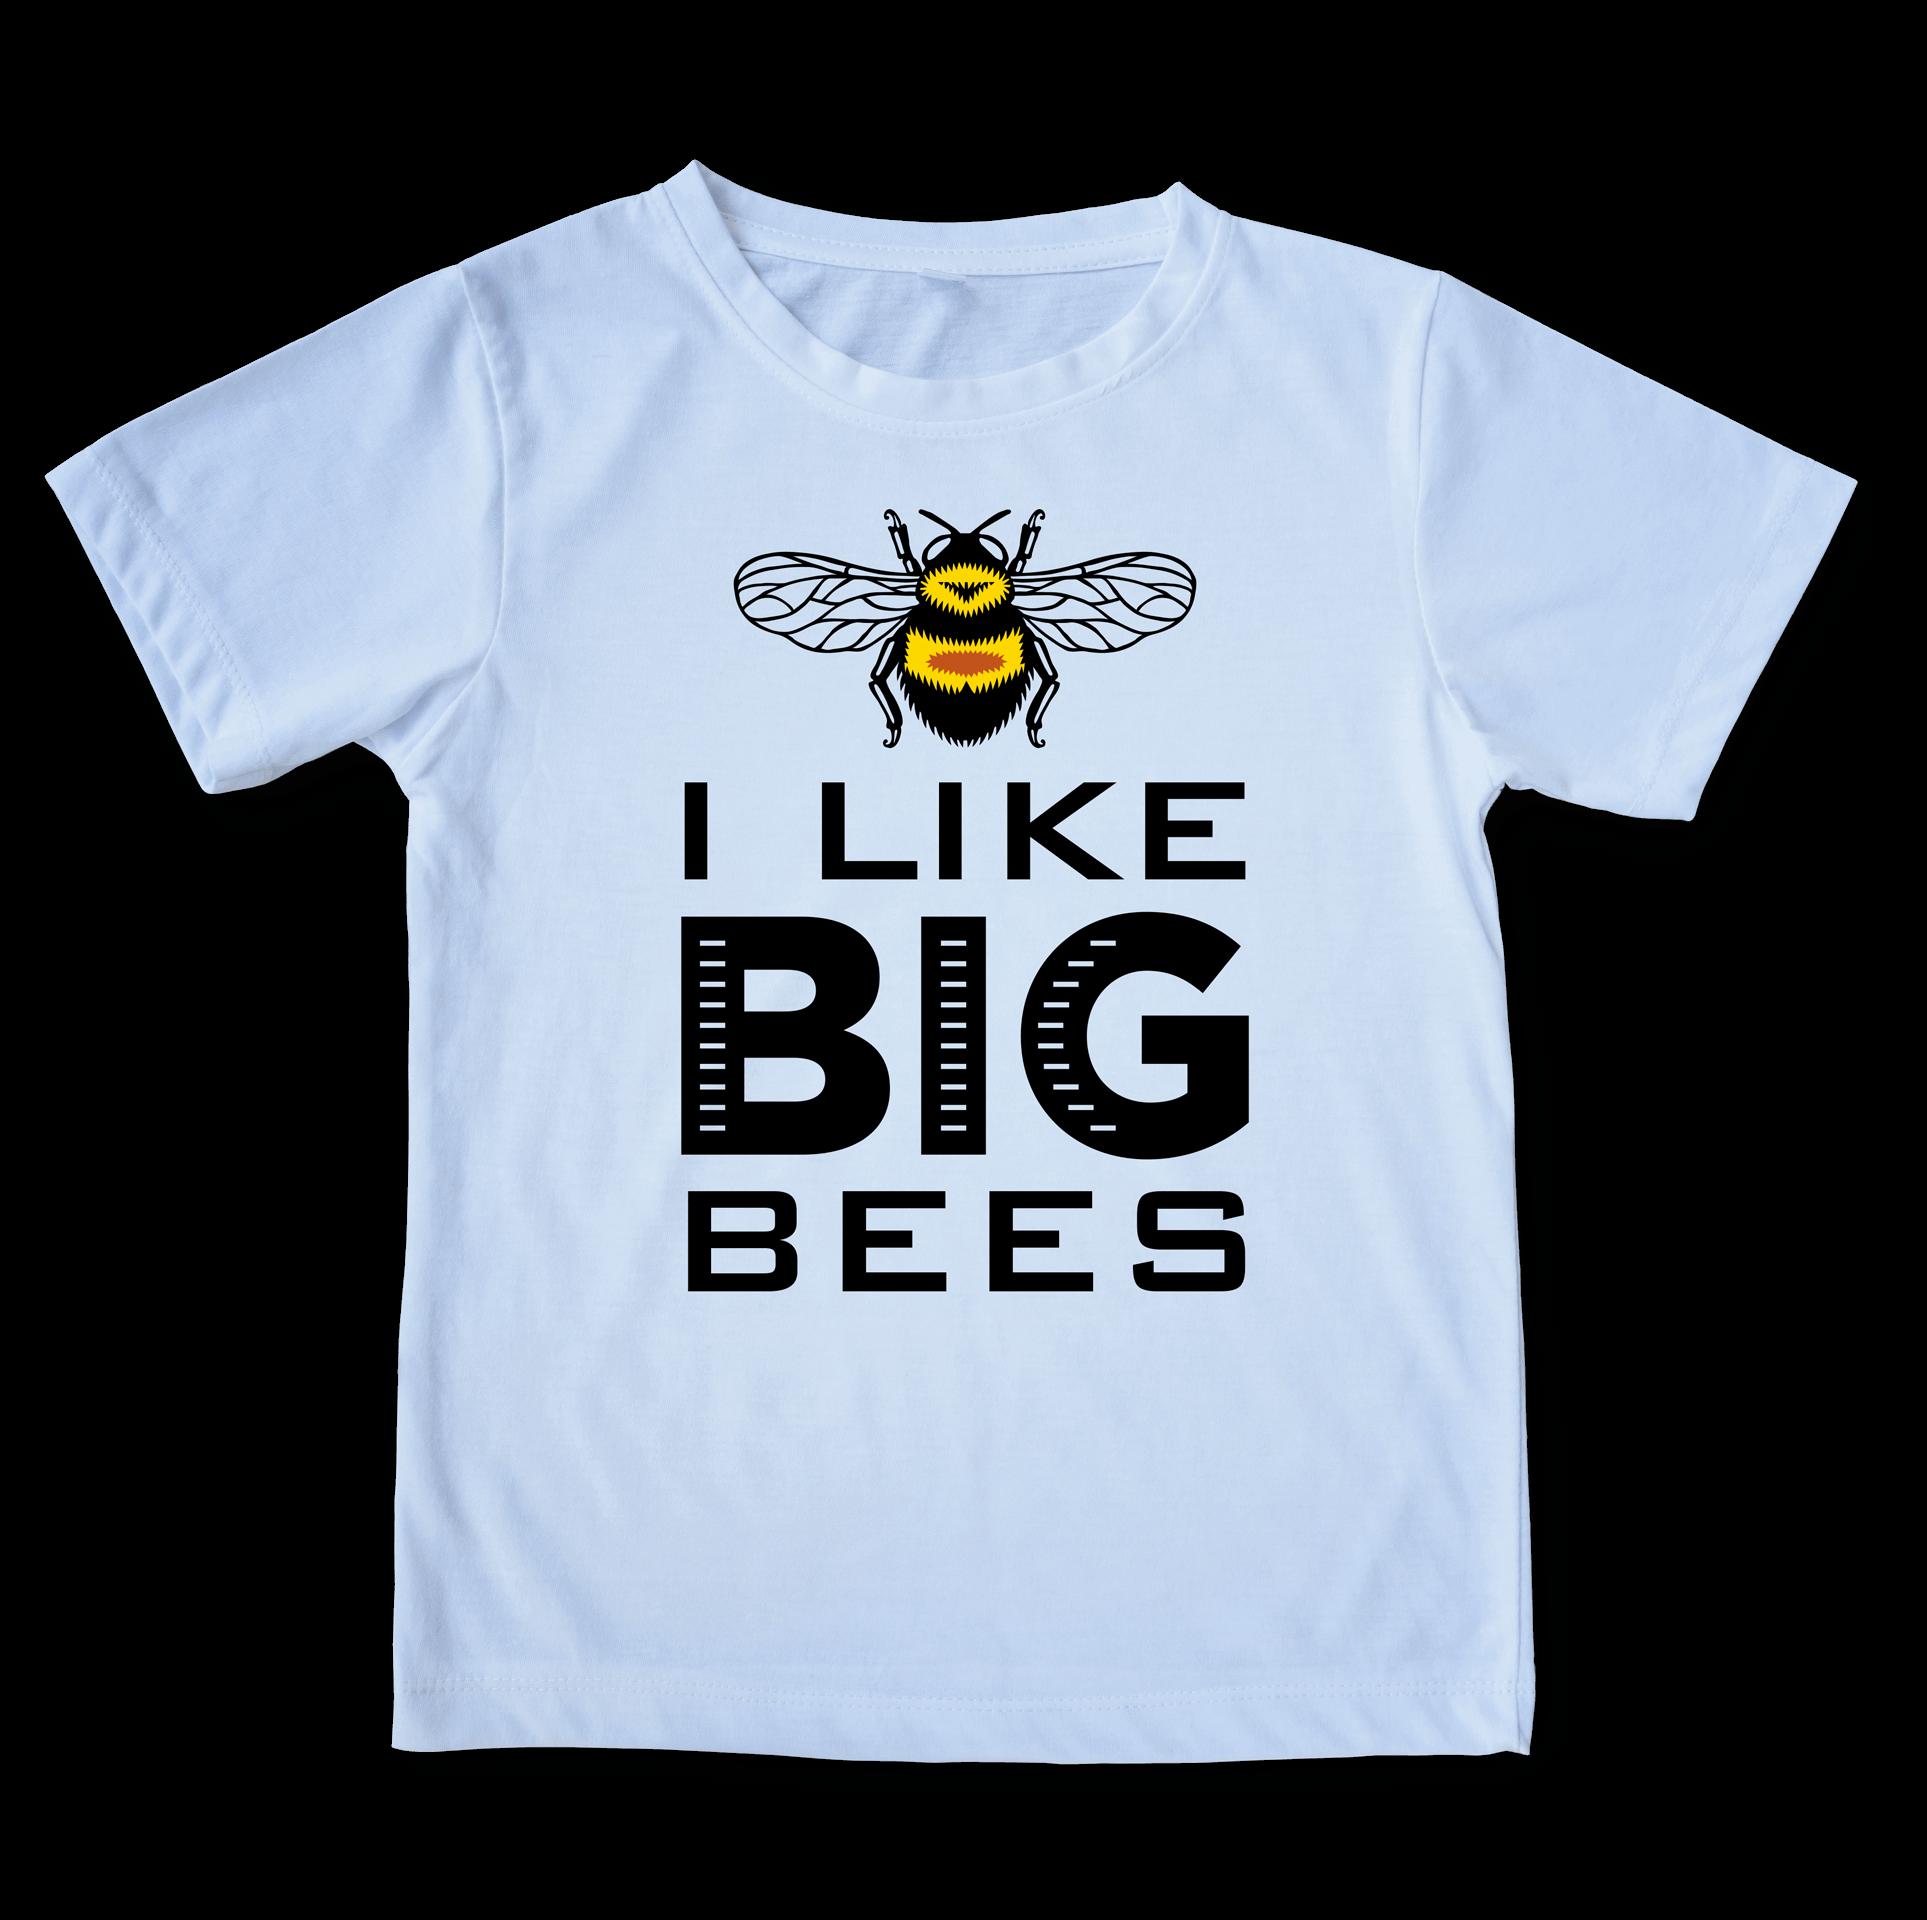 df4f47de I LIKE BIG BEES T-SHIRT | Beesponsible